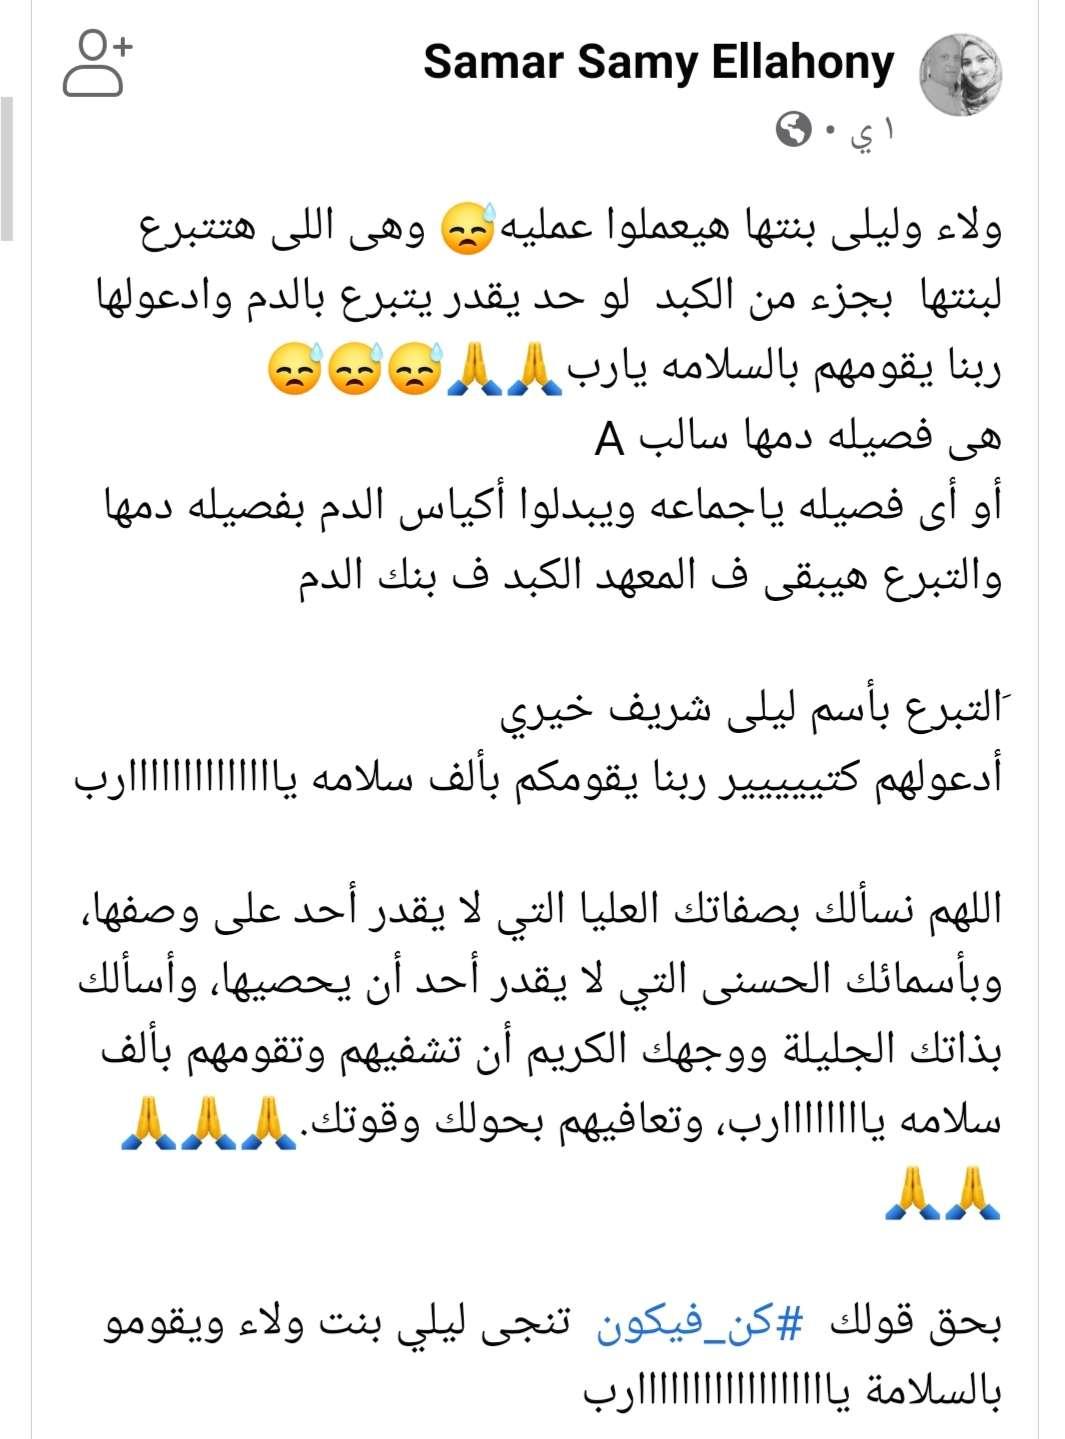 ولاء تتبرع بجزء من كبدها لإنقاذ طفلتها ليلي.. محتاجين متبرعين بالدم